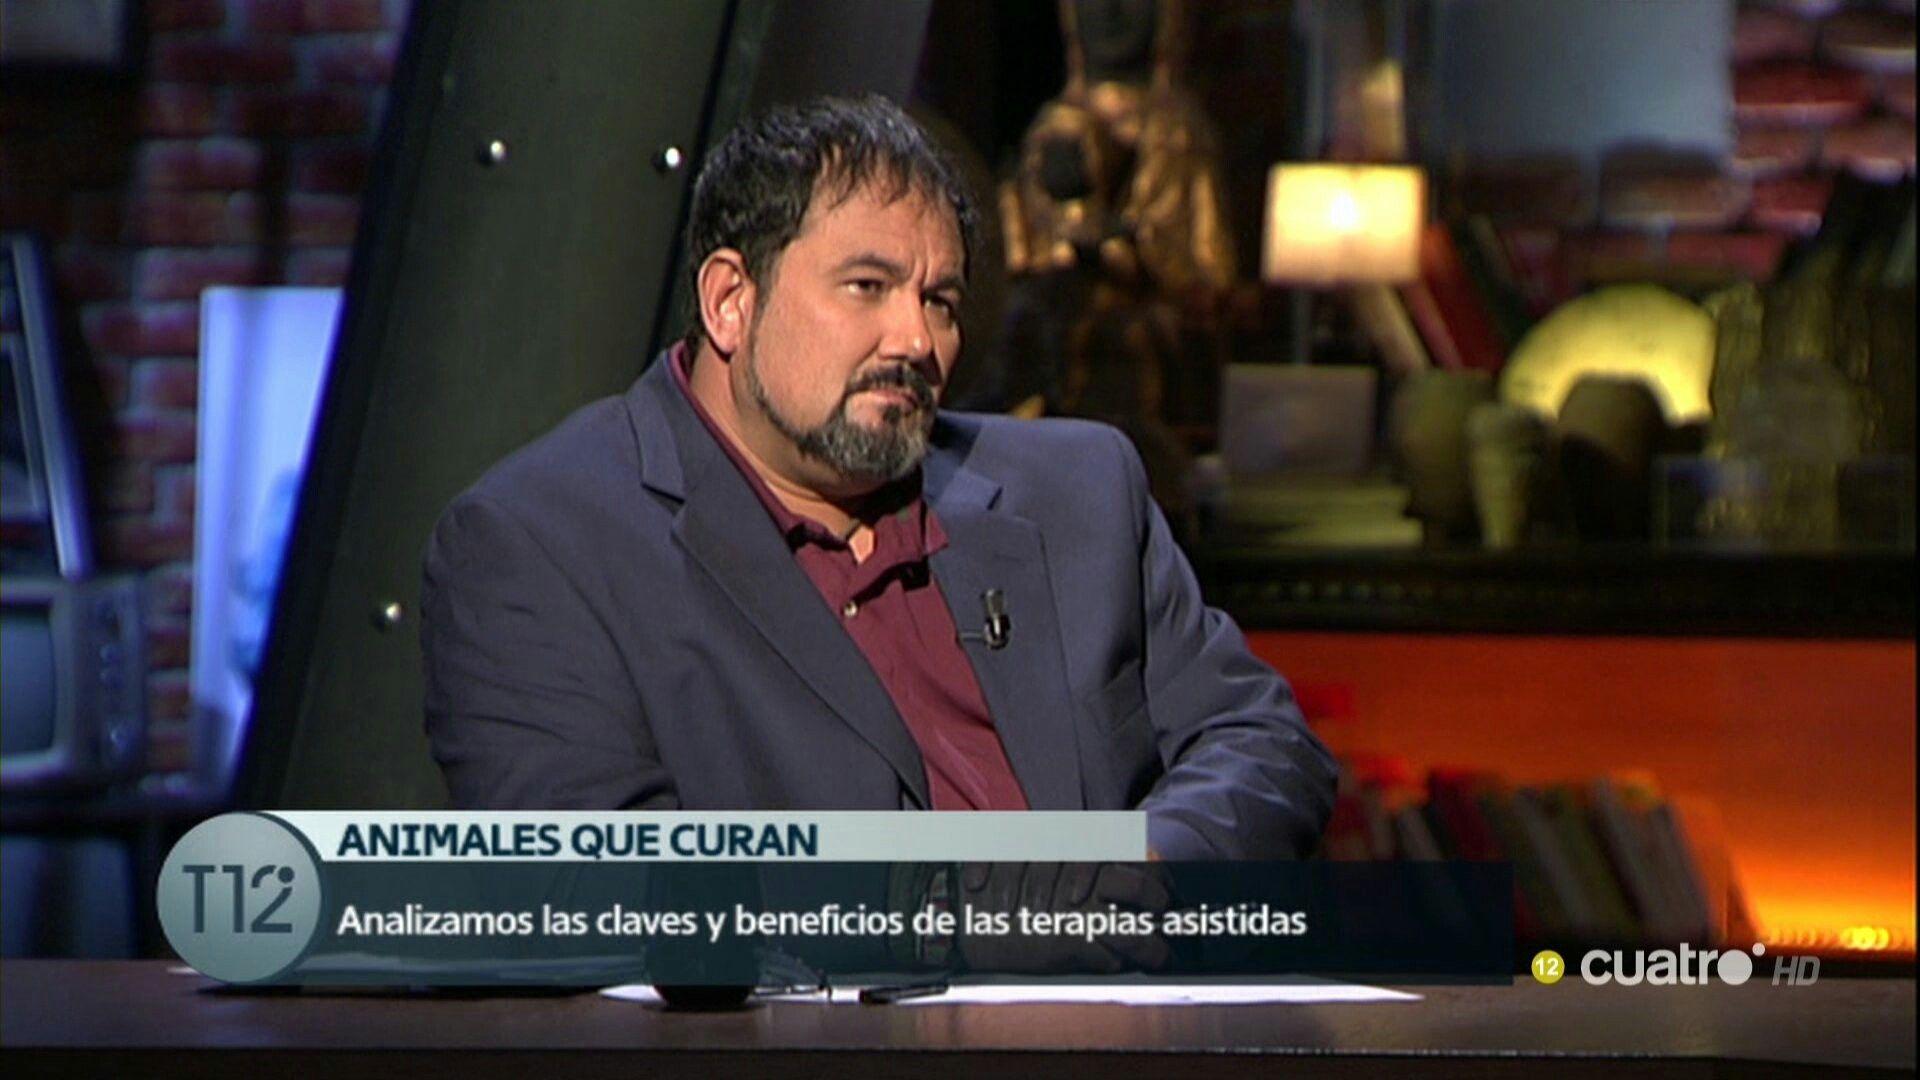 audiencias #CuartoMilenio ayer registró un buen 8% share y 841.000 ...